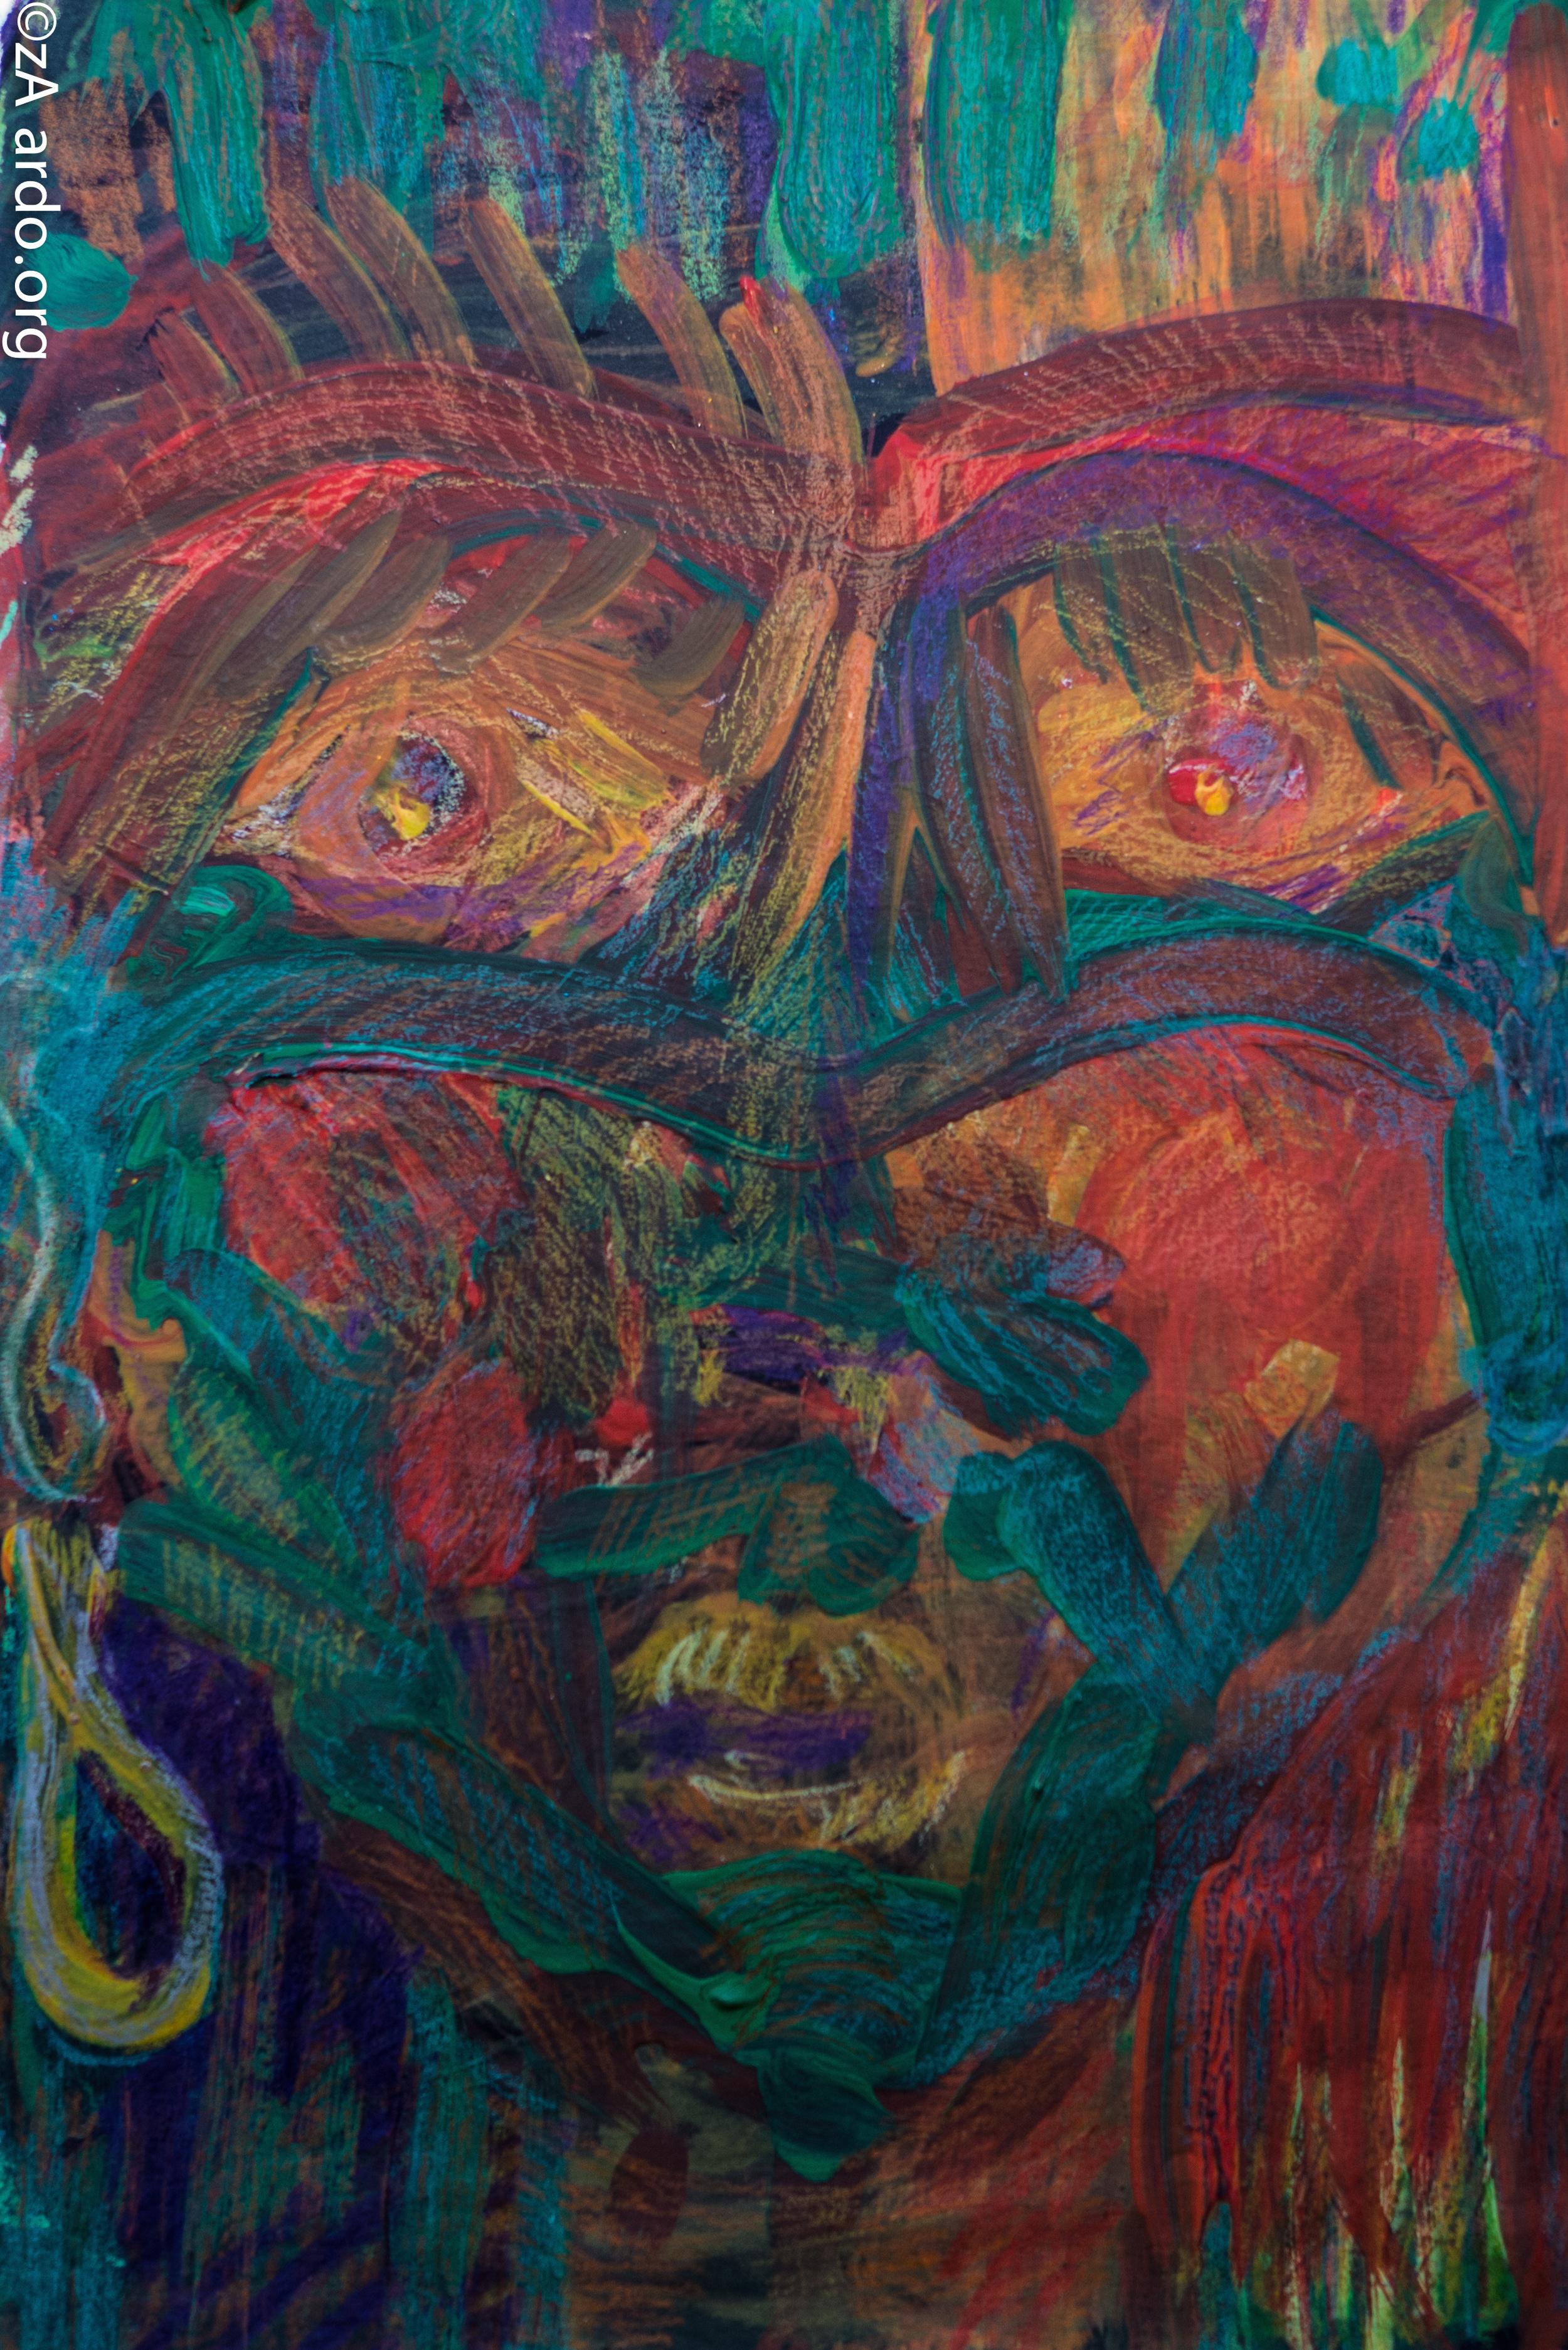 Under the skin portraits 6apr15©zARDO-2.jpg